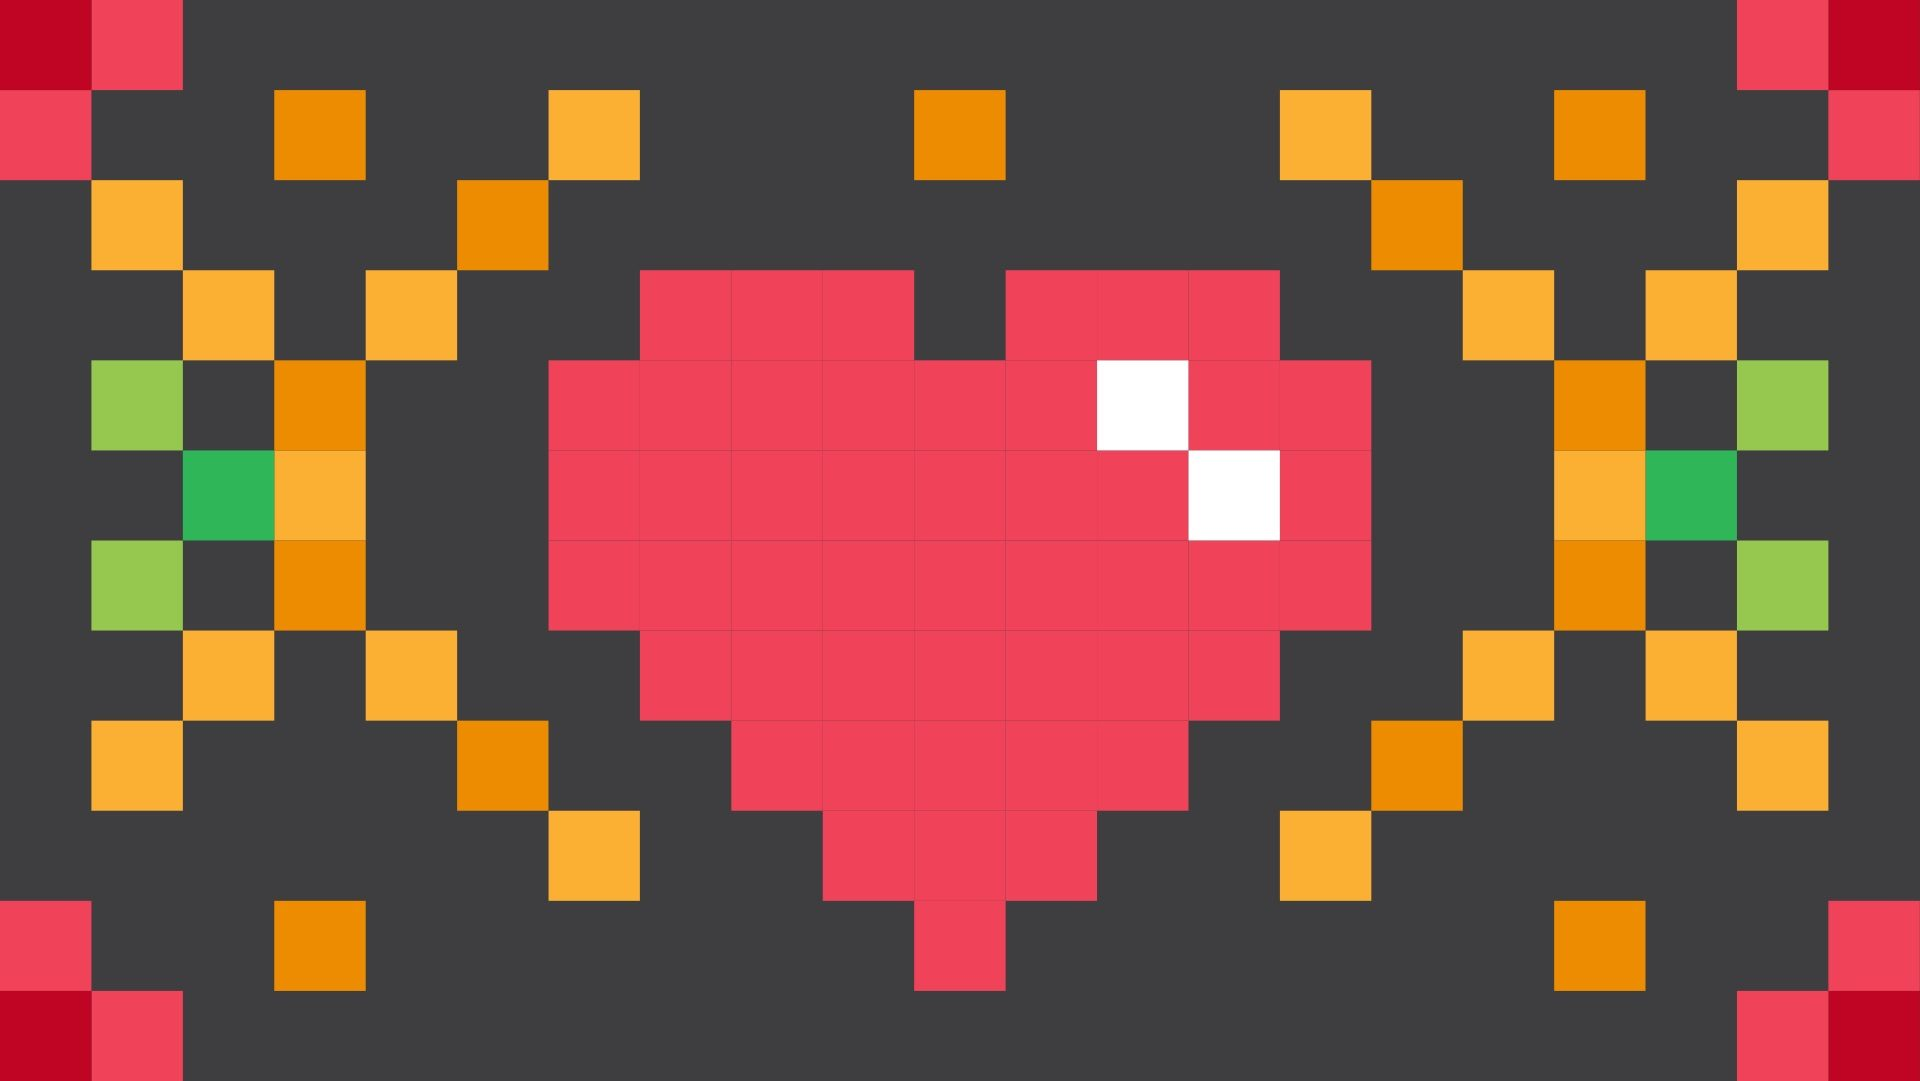 сердце, пиксель, бит, pixelated, Площадь - Обои HD - Профессор falken.com